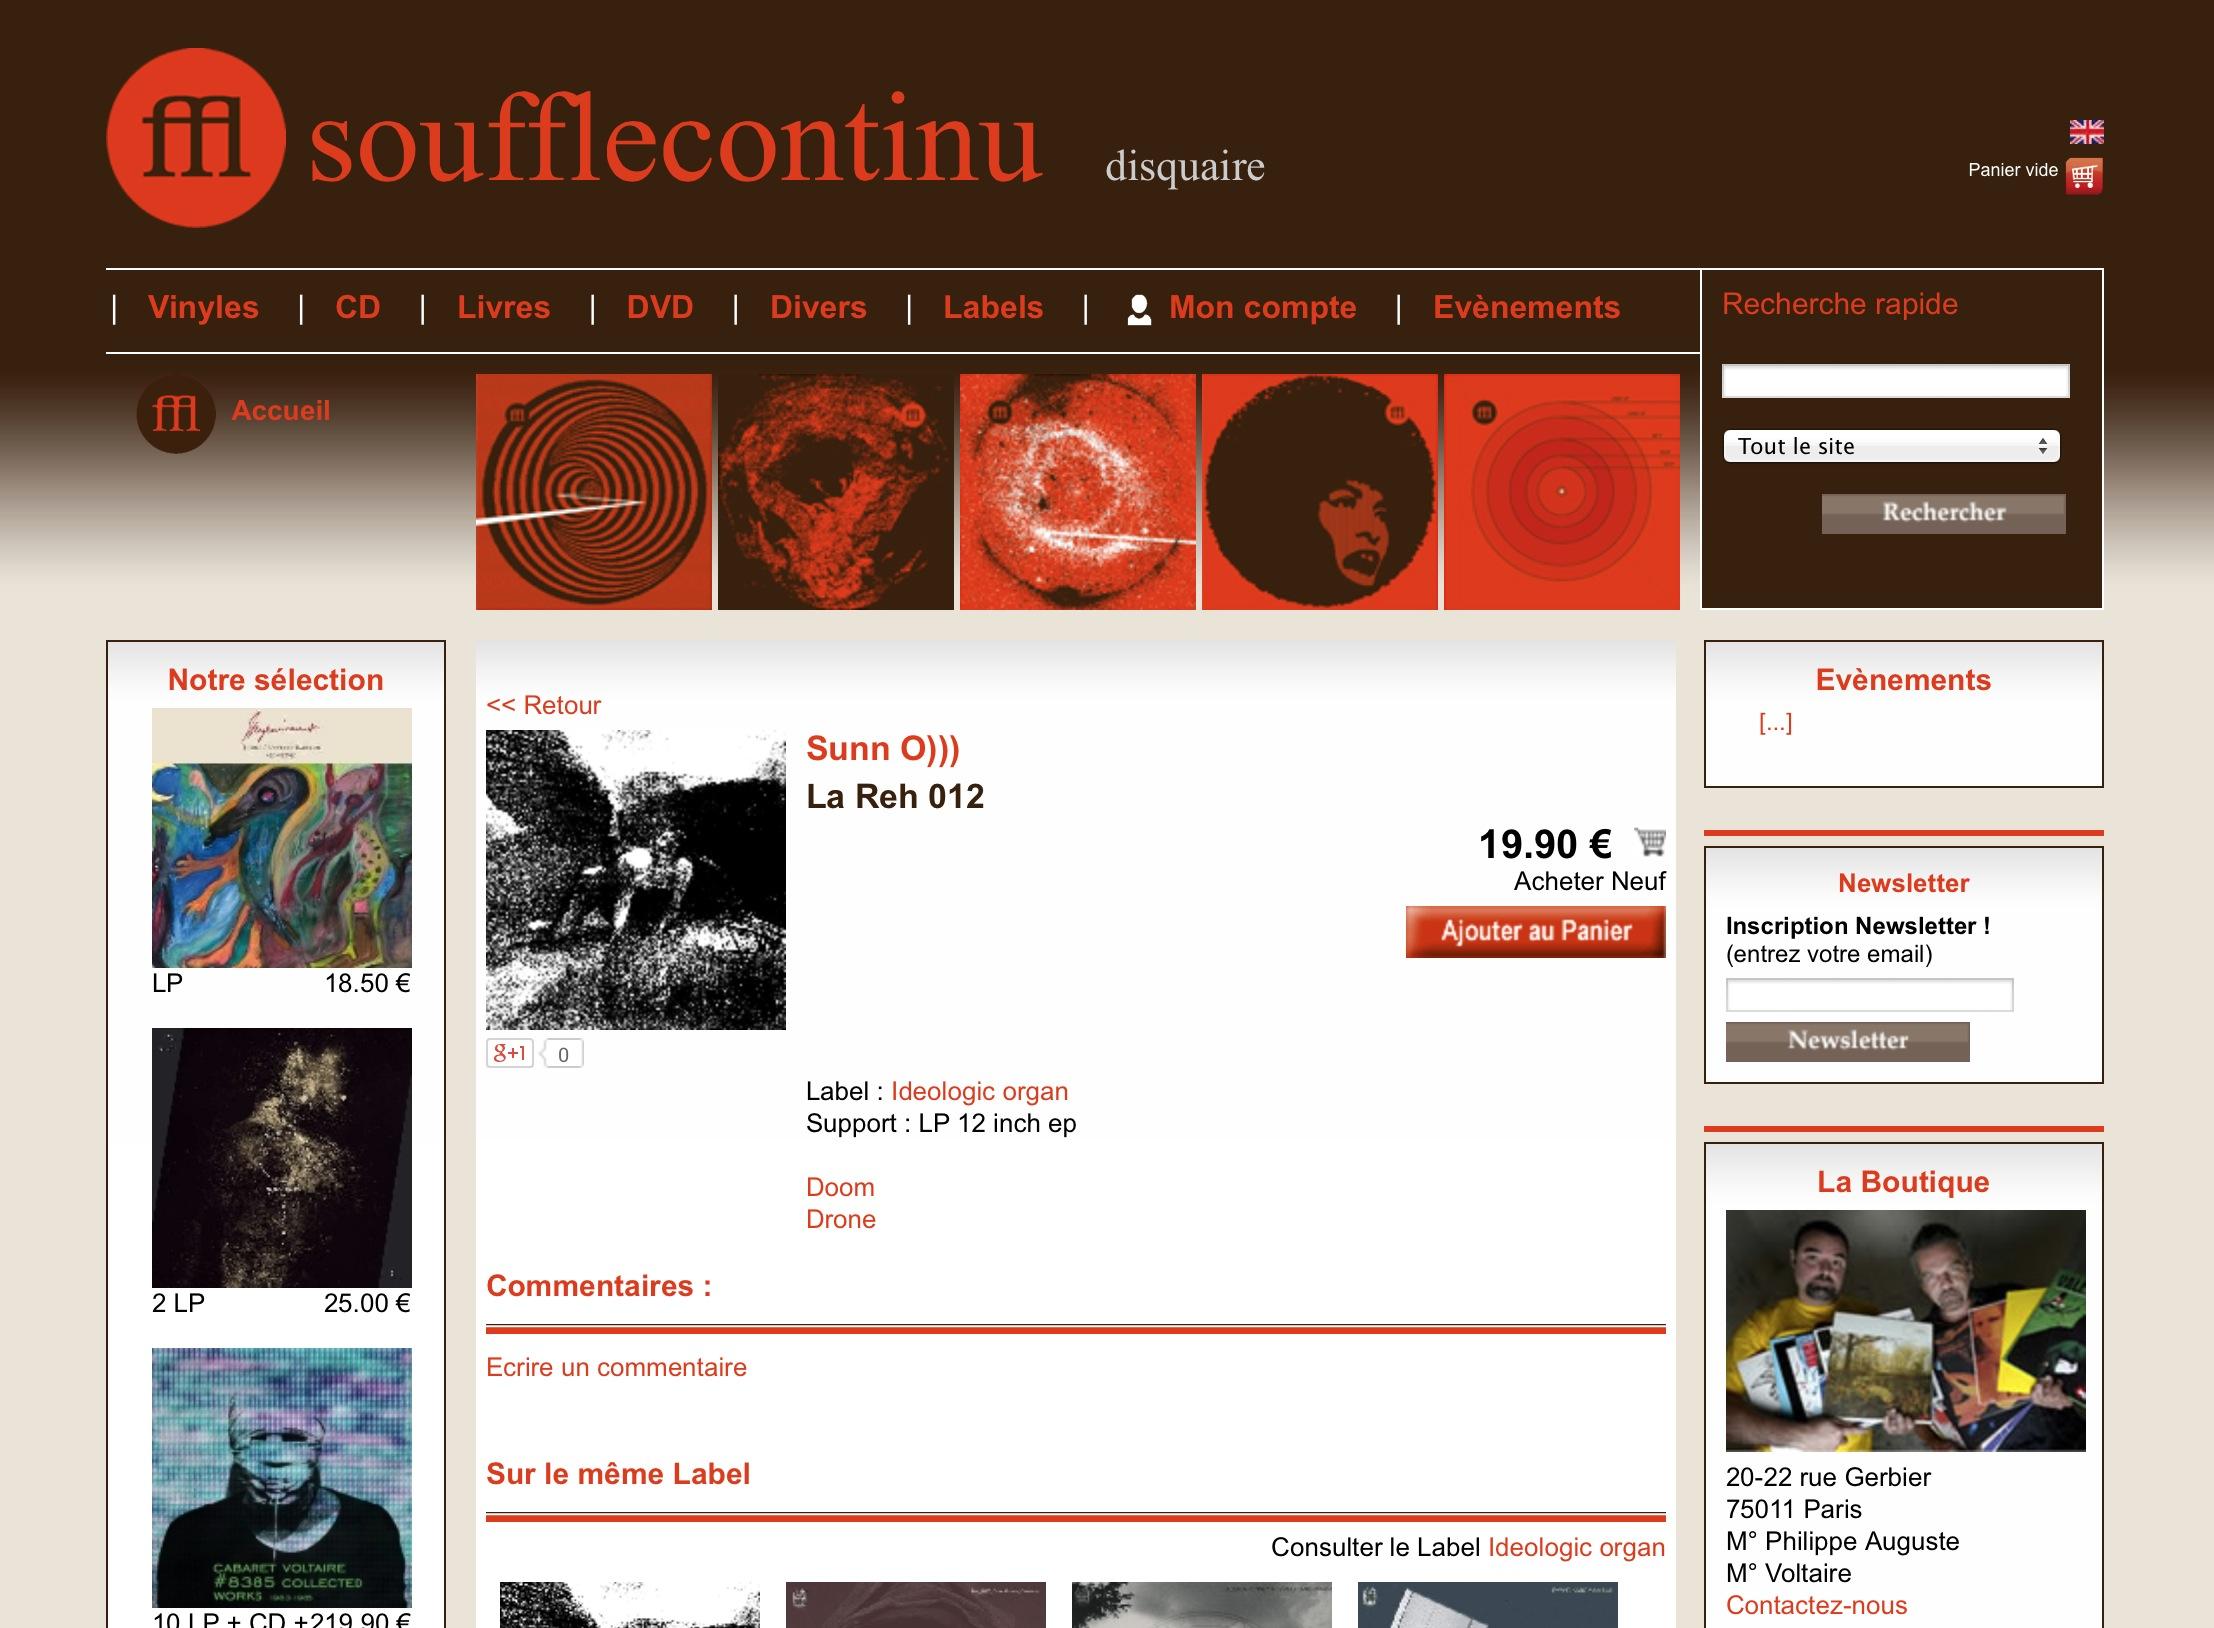 """Exemplaires de la LP limité par Sunn O))) """"LA REH 012"""" disponible via SOUFFLE CONTINU Paris"""